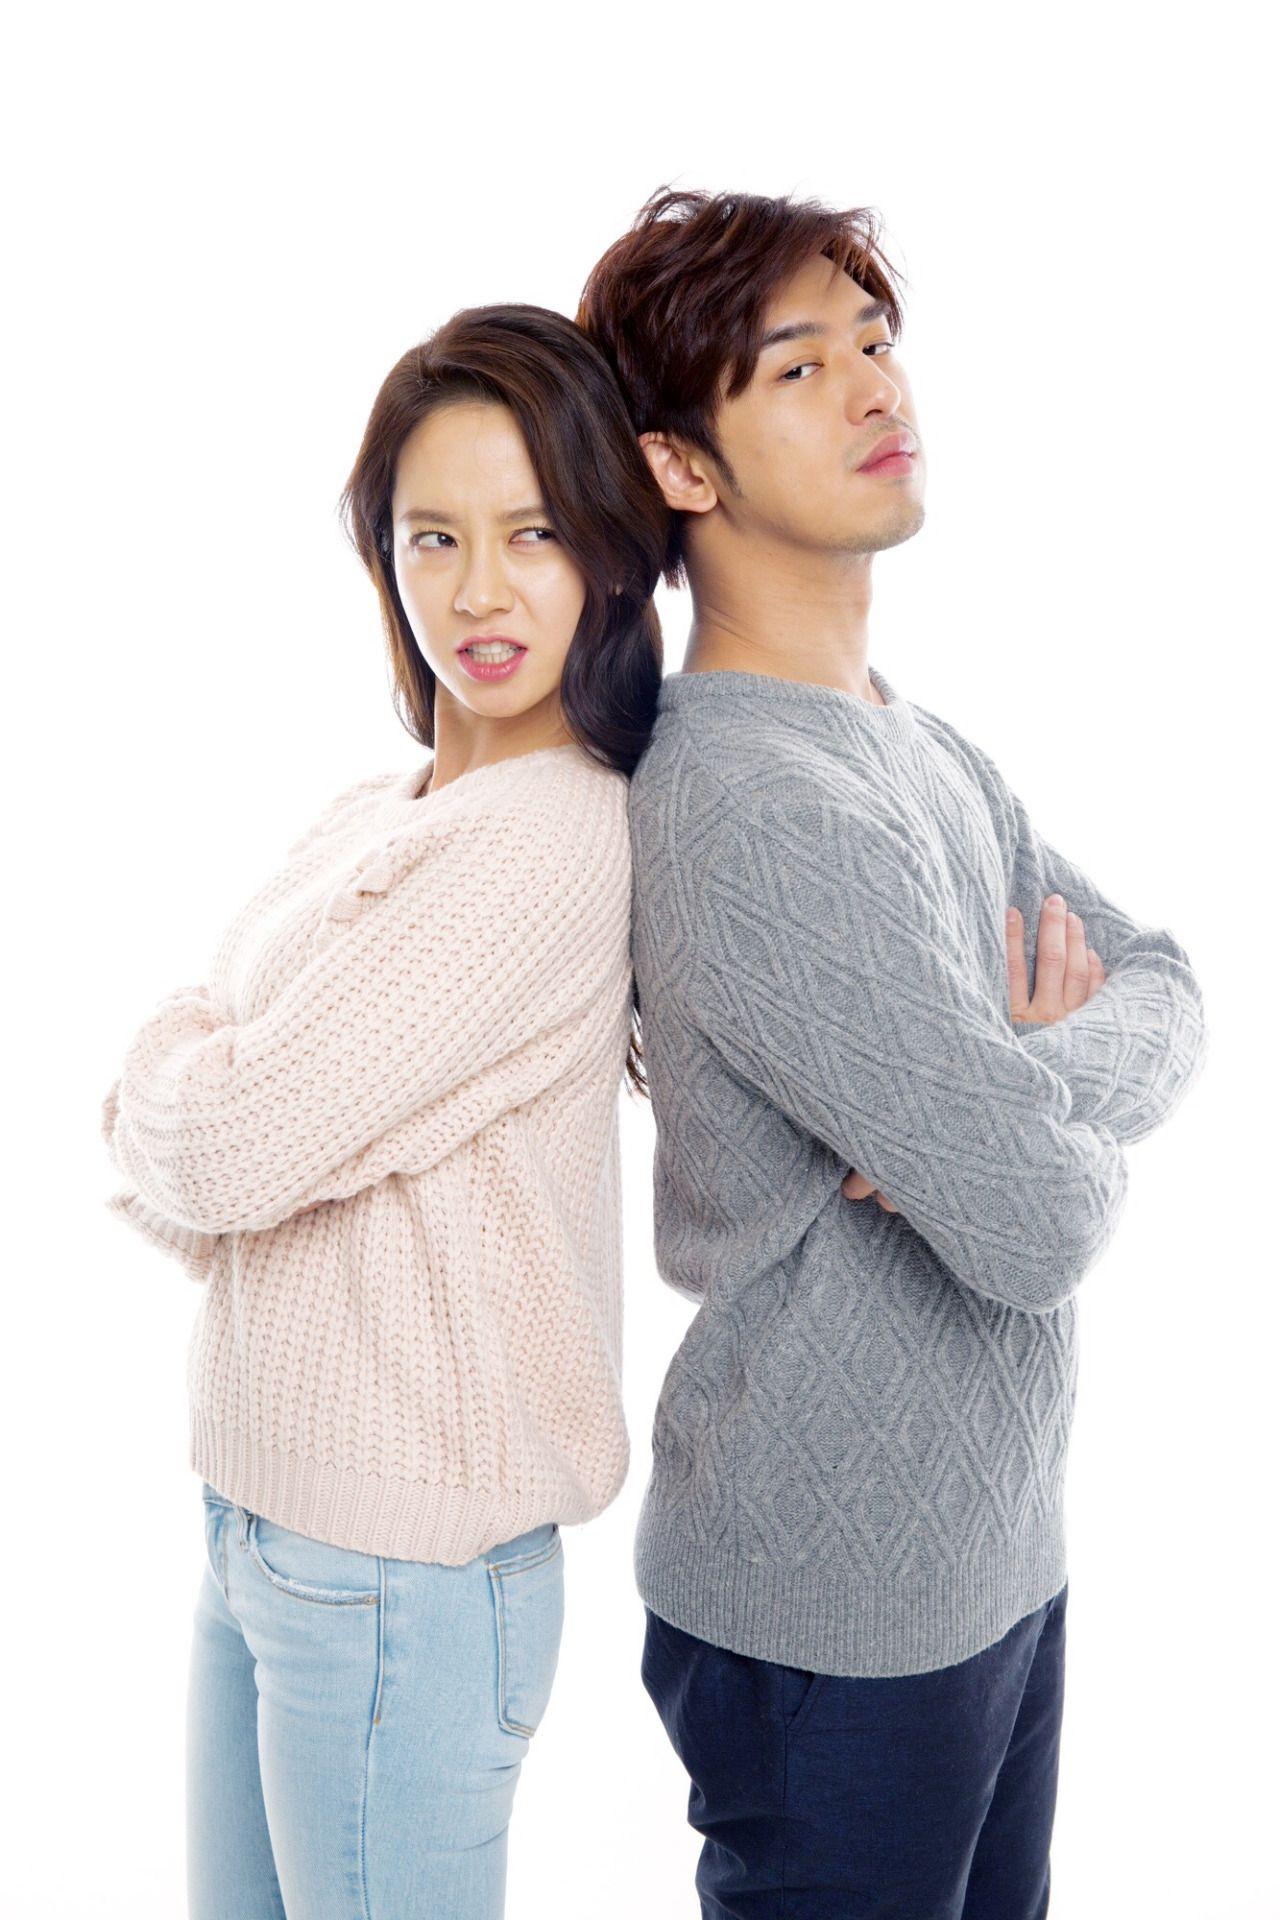 Weibo song ji hyo dating